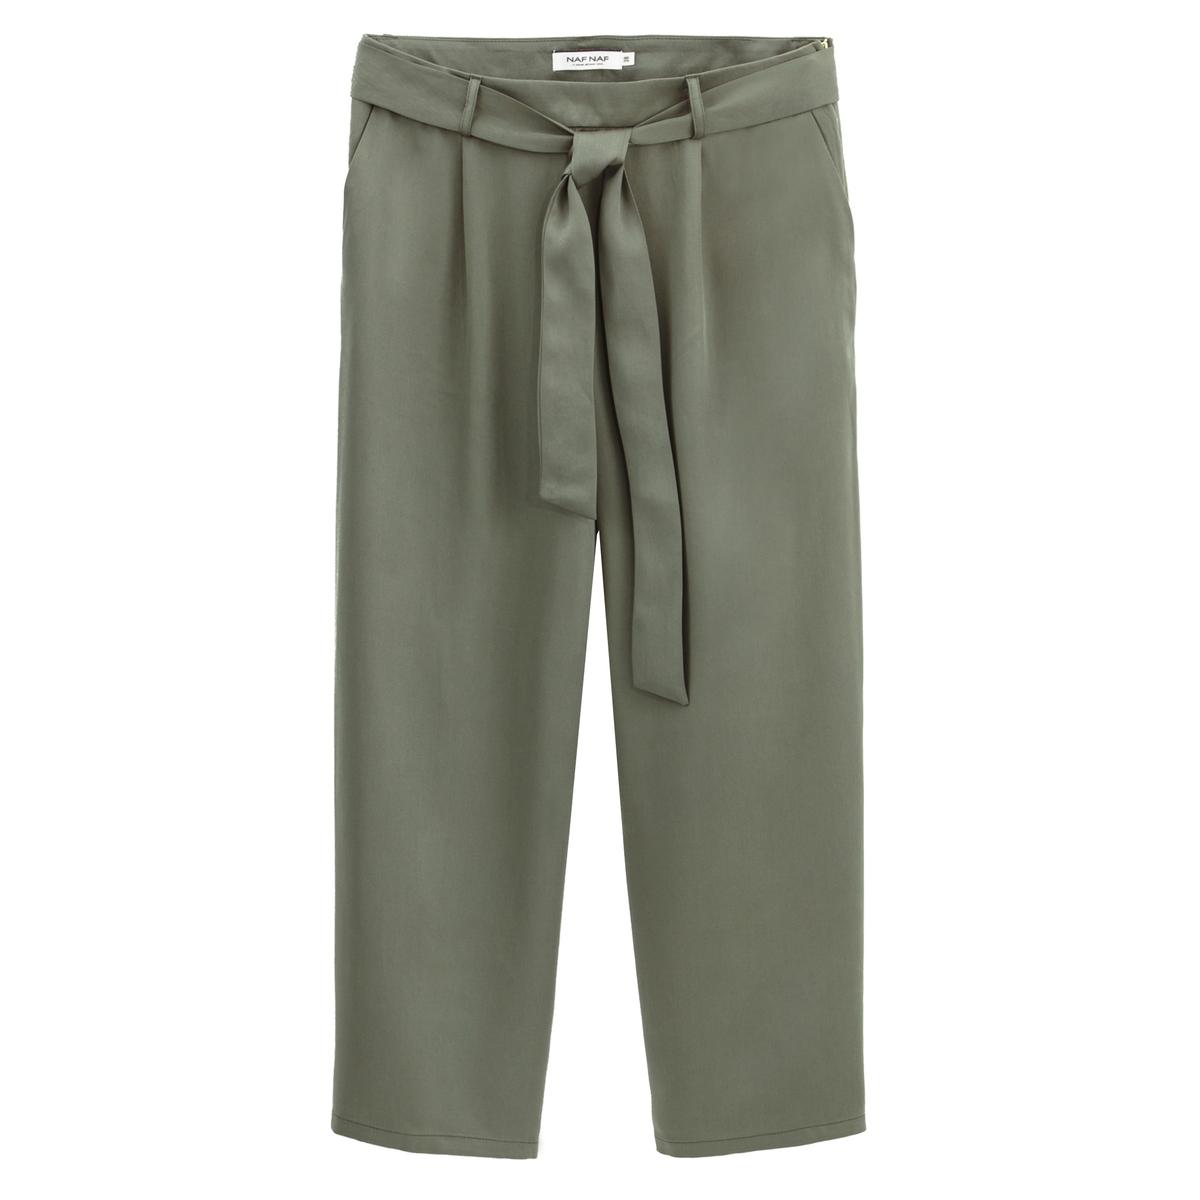 Брюки La Redoute Широкие с высокой талией из лиоцелла 42 (FR) - 48 (RUS) зеленый брюки la redoute с высокой талией из лиоцелла 38 fr 44 rus бежевый